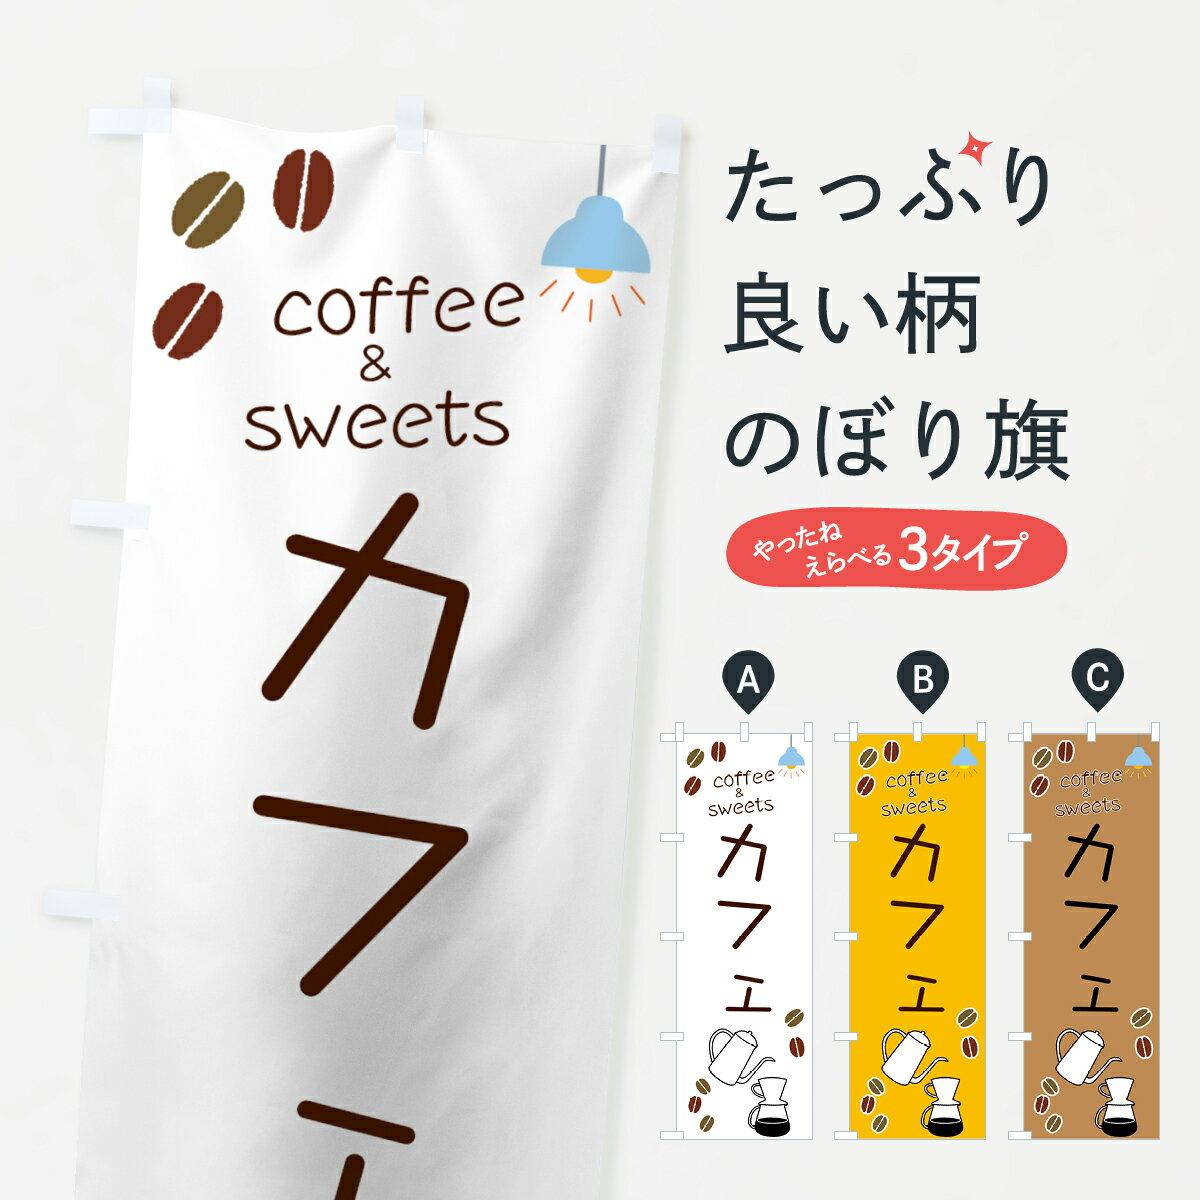 のぼり旗 カフェのぼり coffee&sweets カフェ